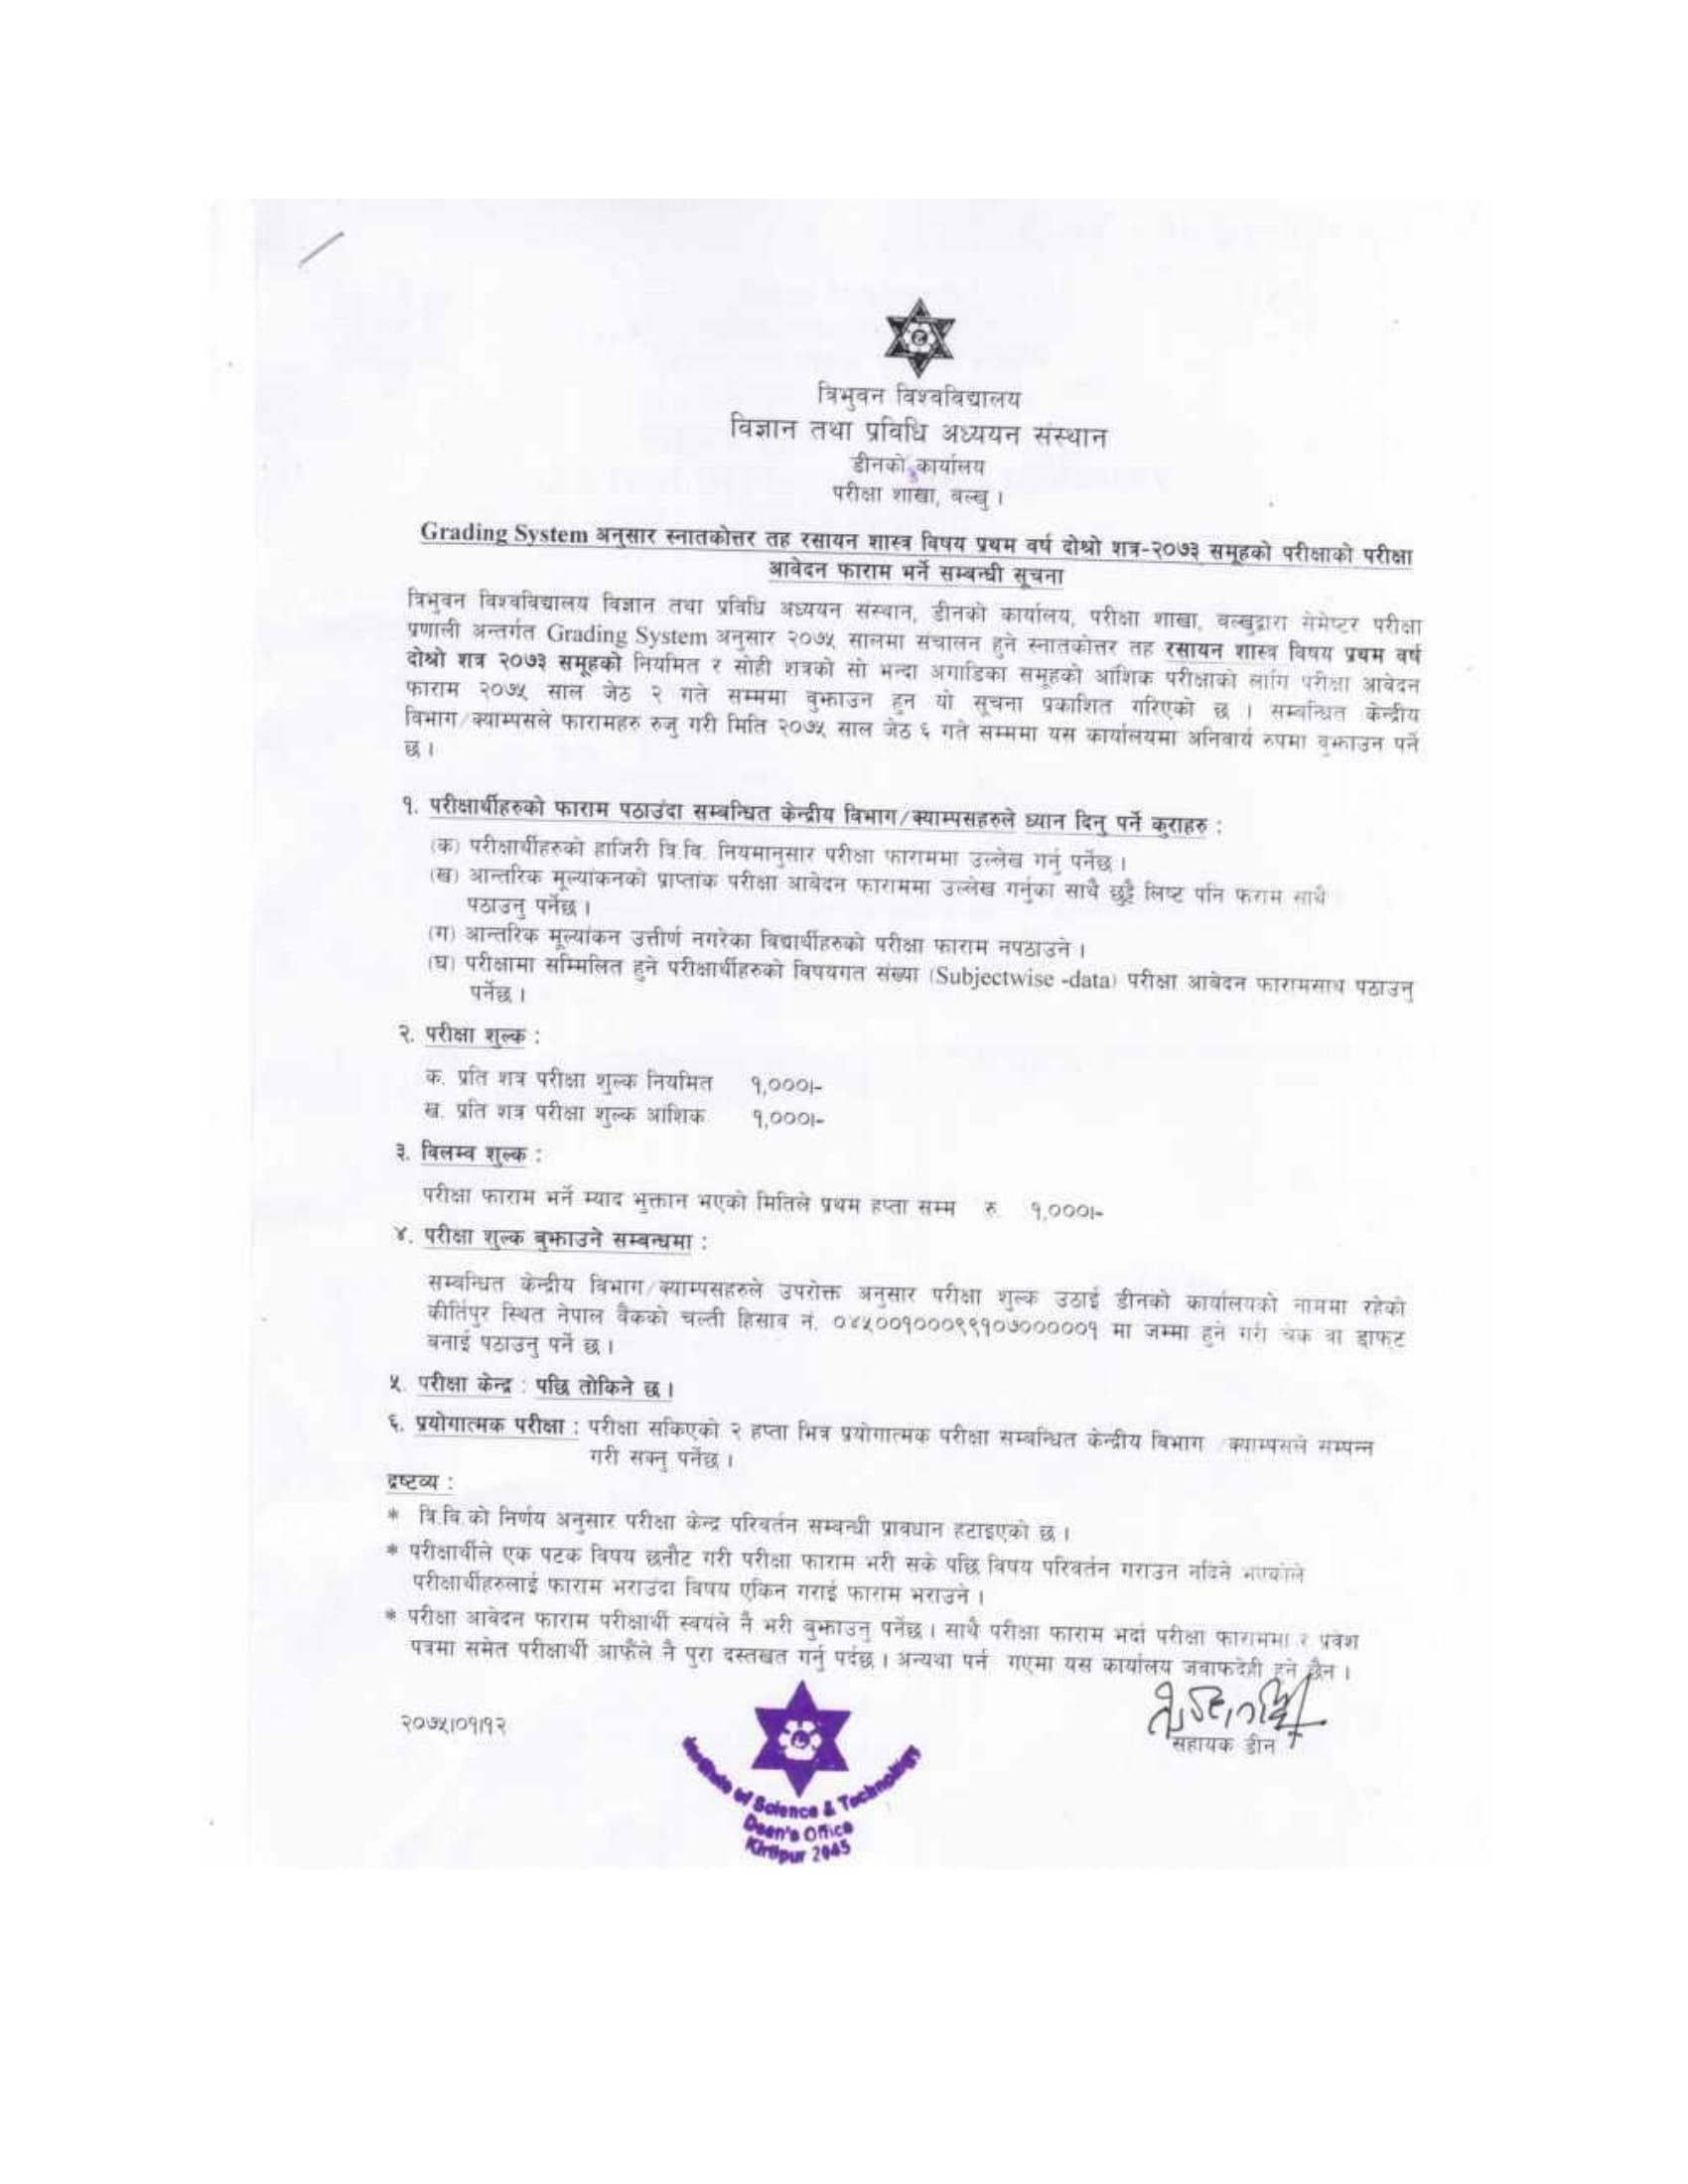 M.Sc. Chemistry II Semester Exam Form Filling notice